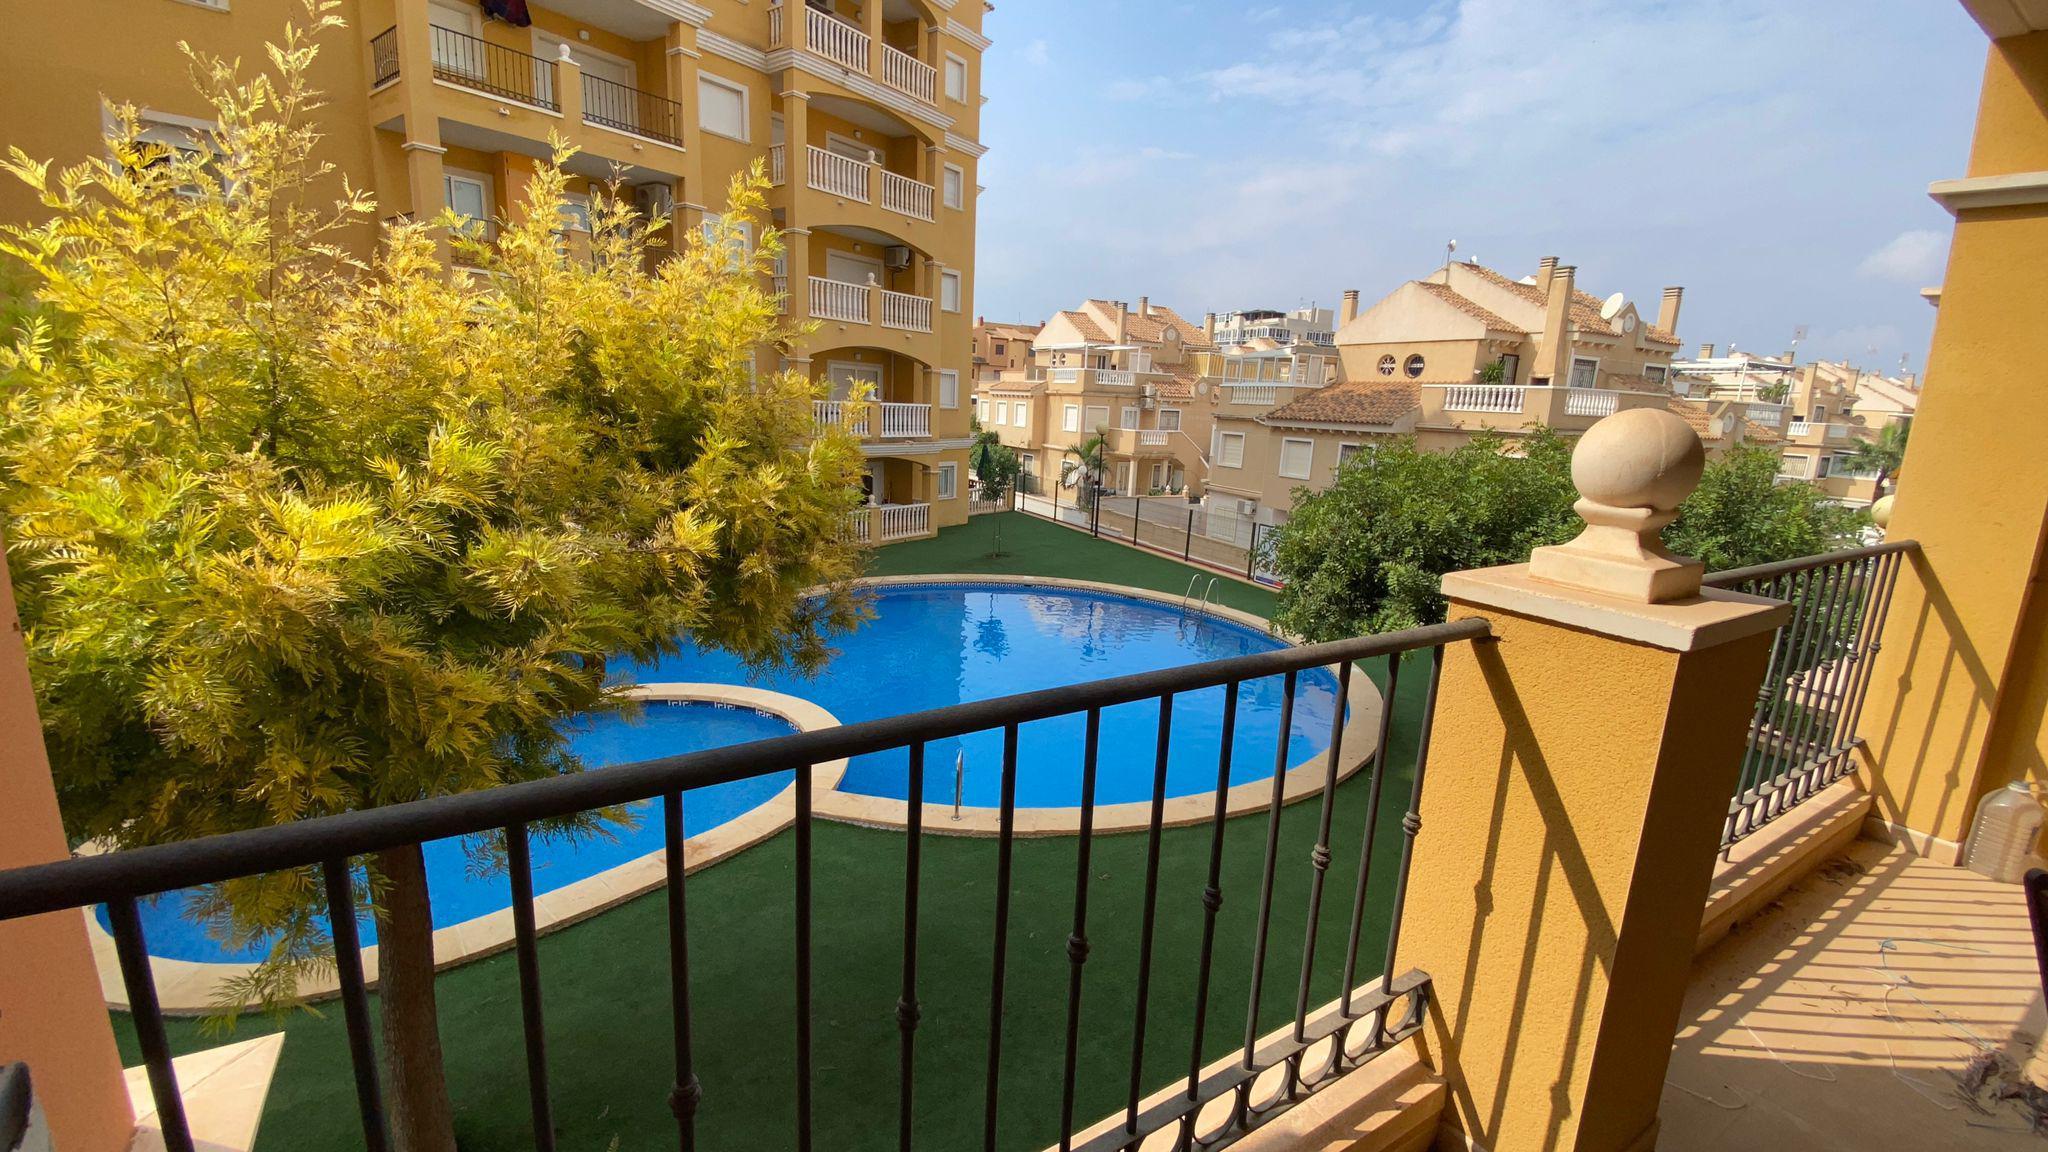 Imagen 2 Apartamento en venta en Torrevieja / La mata Urbanización Miramar